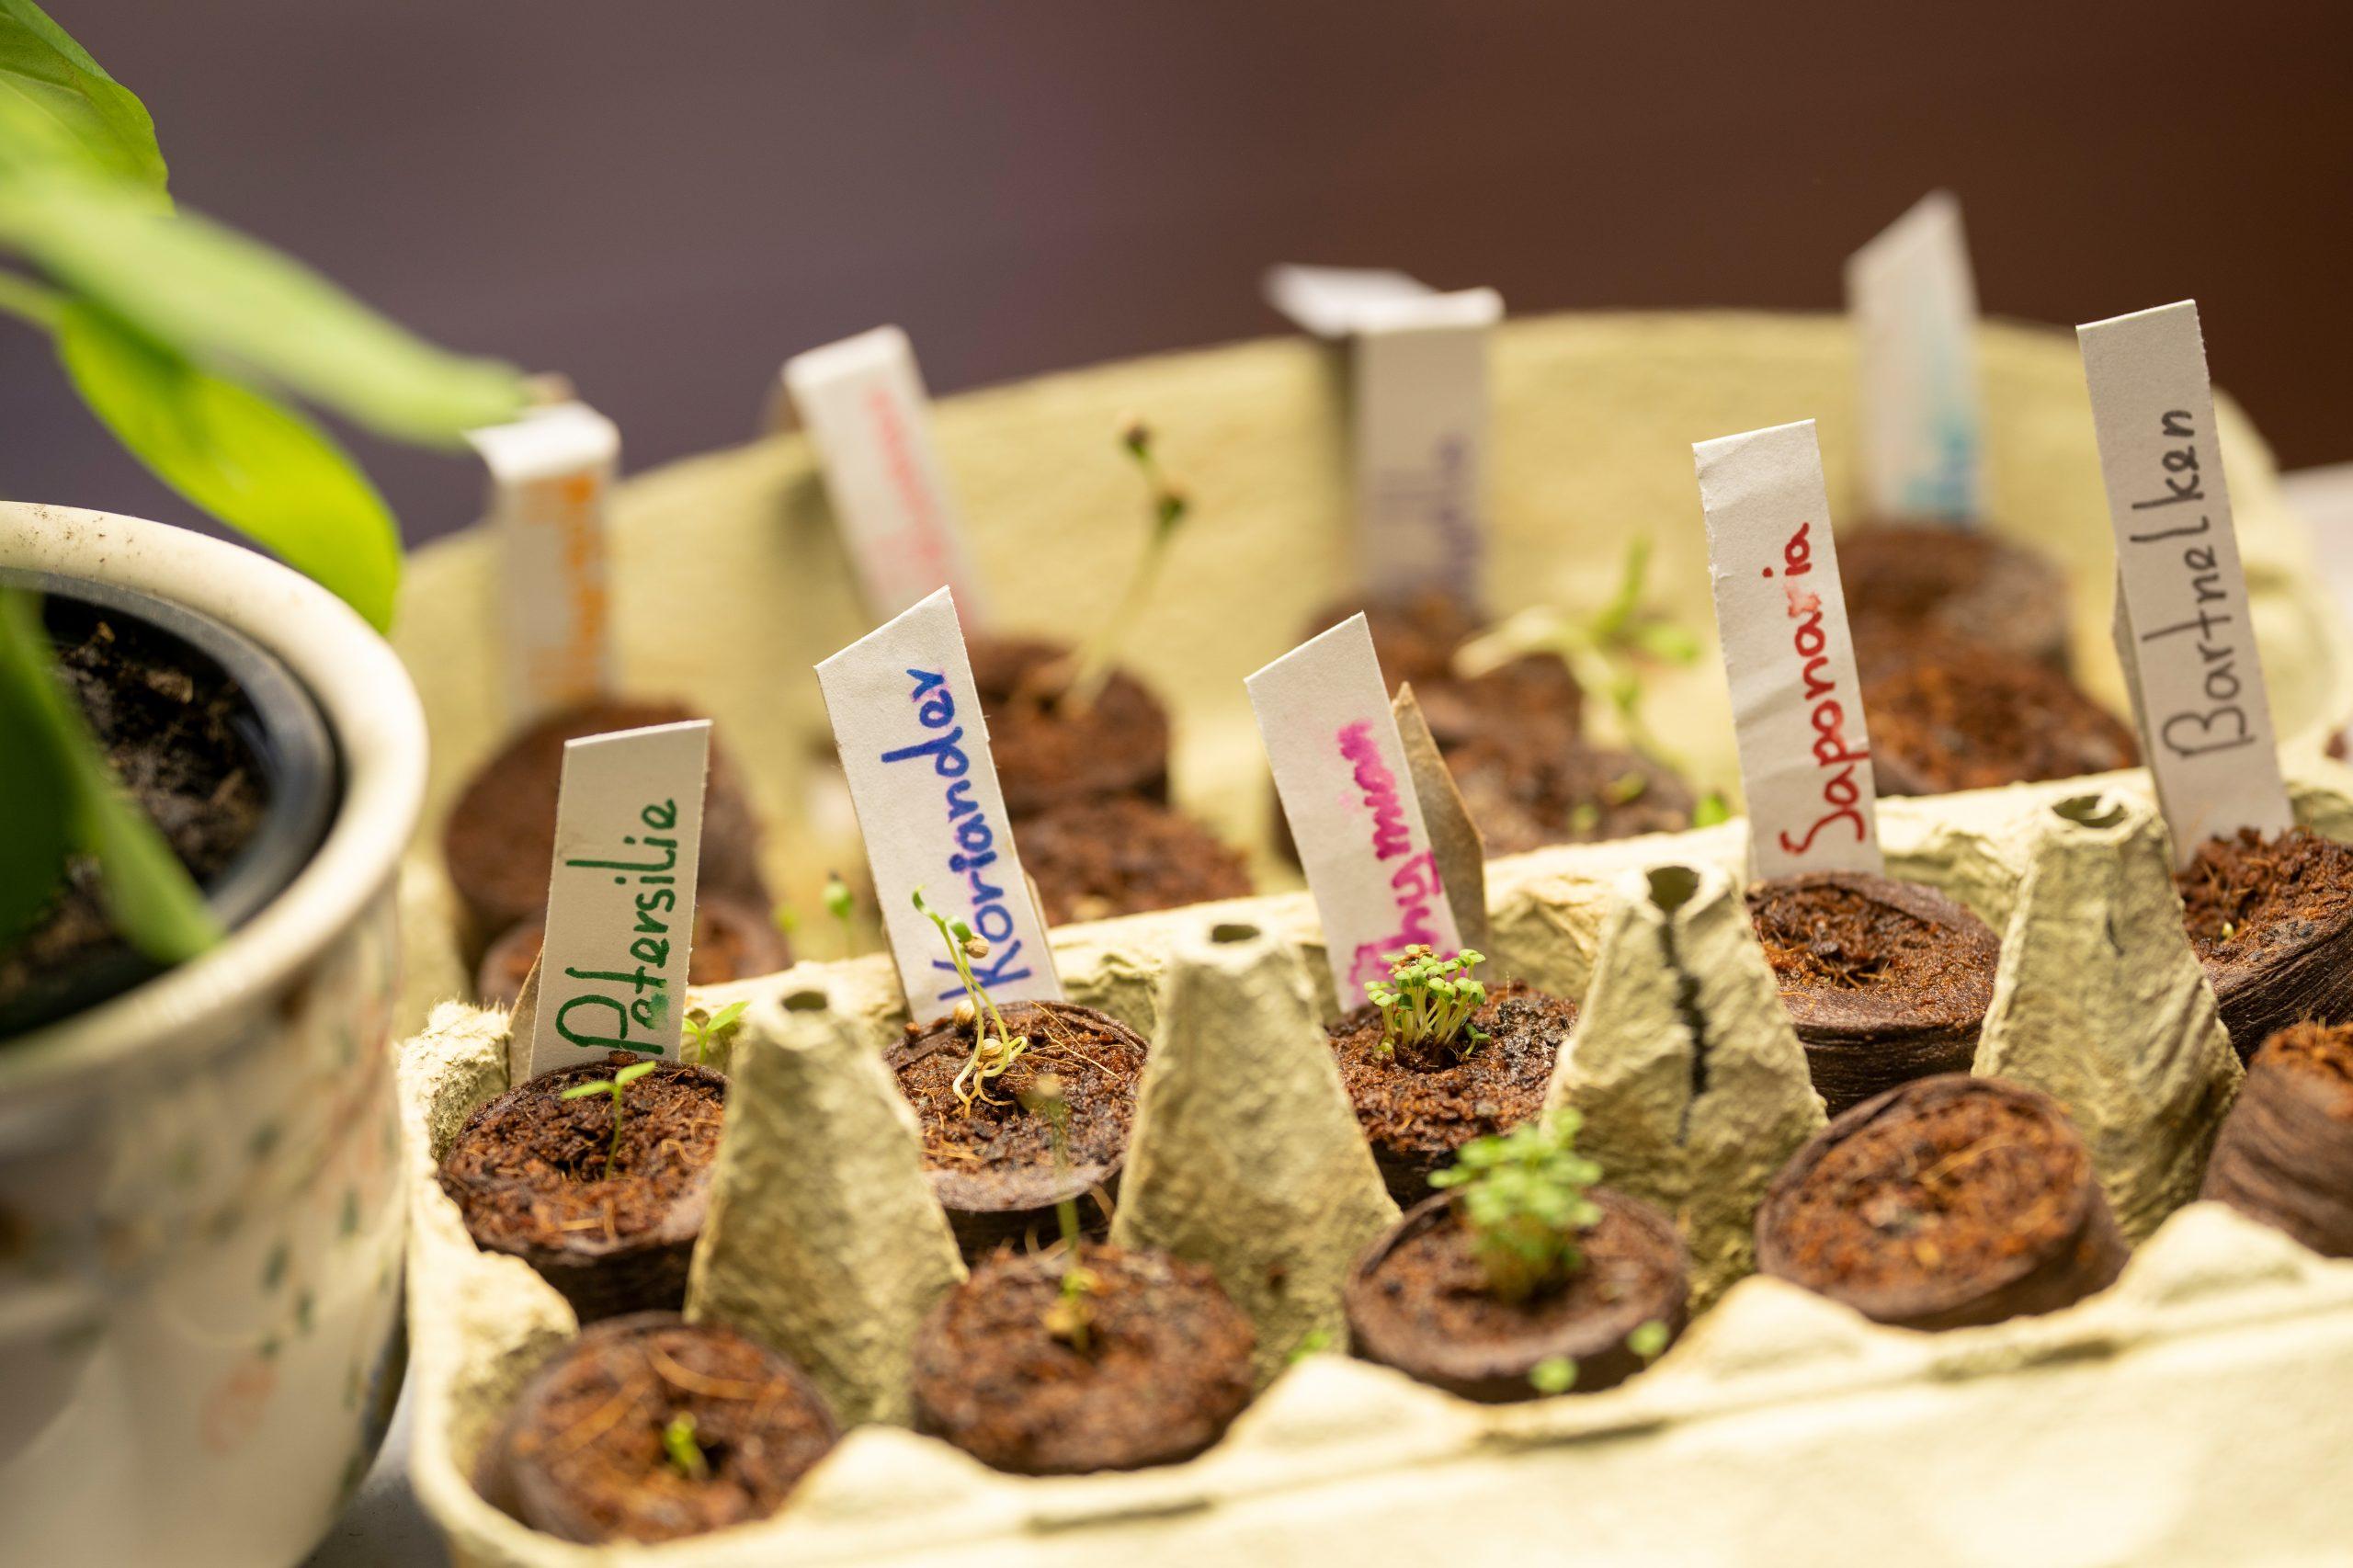 Proyecto verde para los chicos: cómo construir un mini jardín